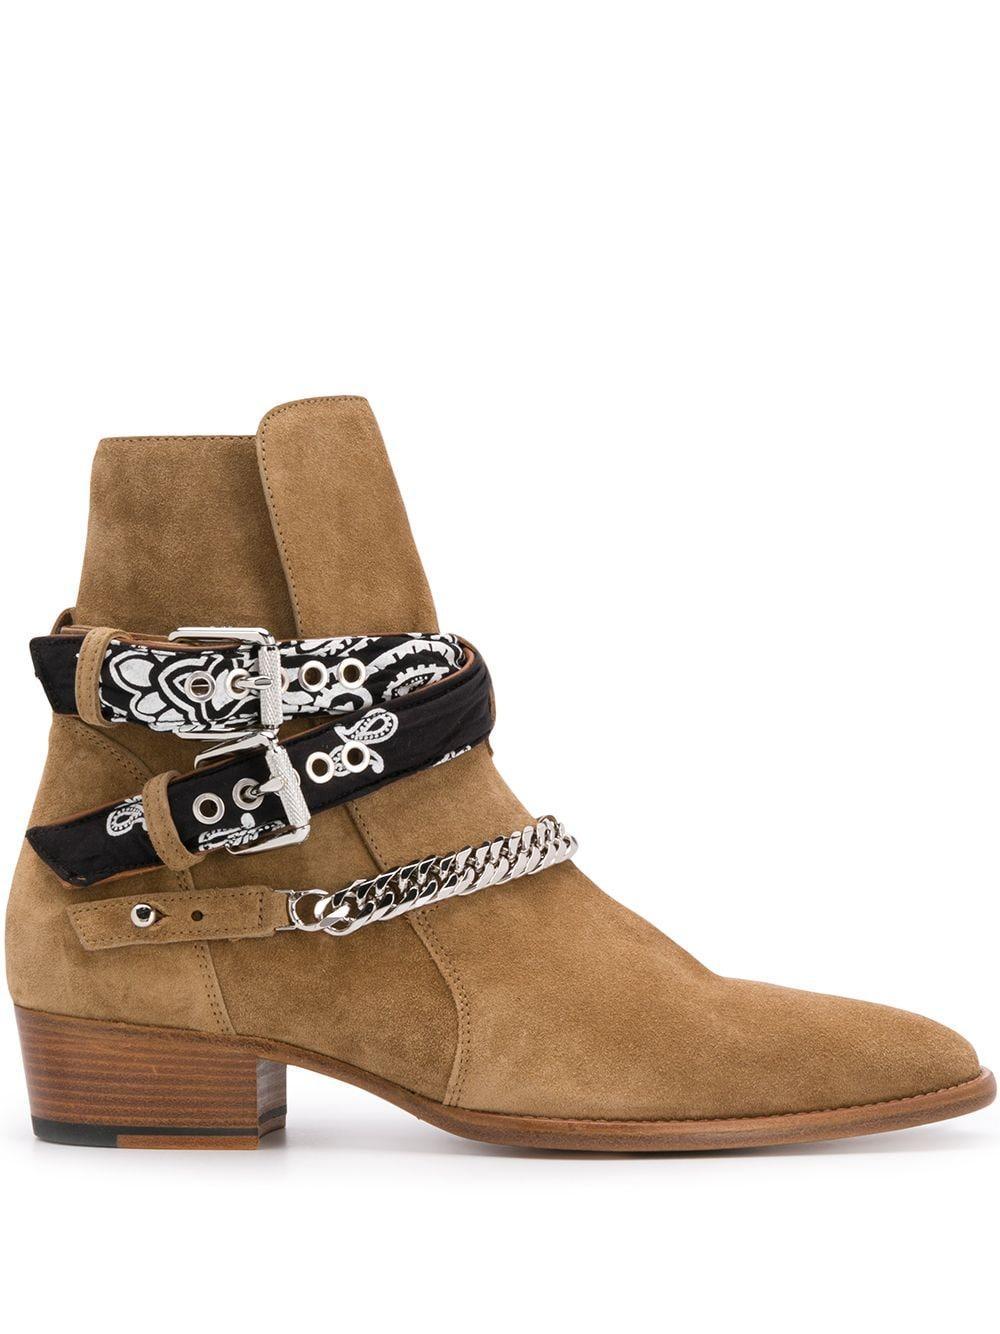 Yeni Sezon Erkek Ami Ri Zincir süslenmiş Bilek Boots Bandana Baskı Yan Toka Çakma Yuvarlak Burun Ayakkabı